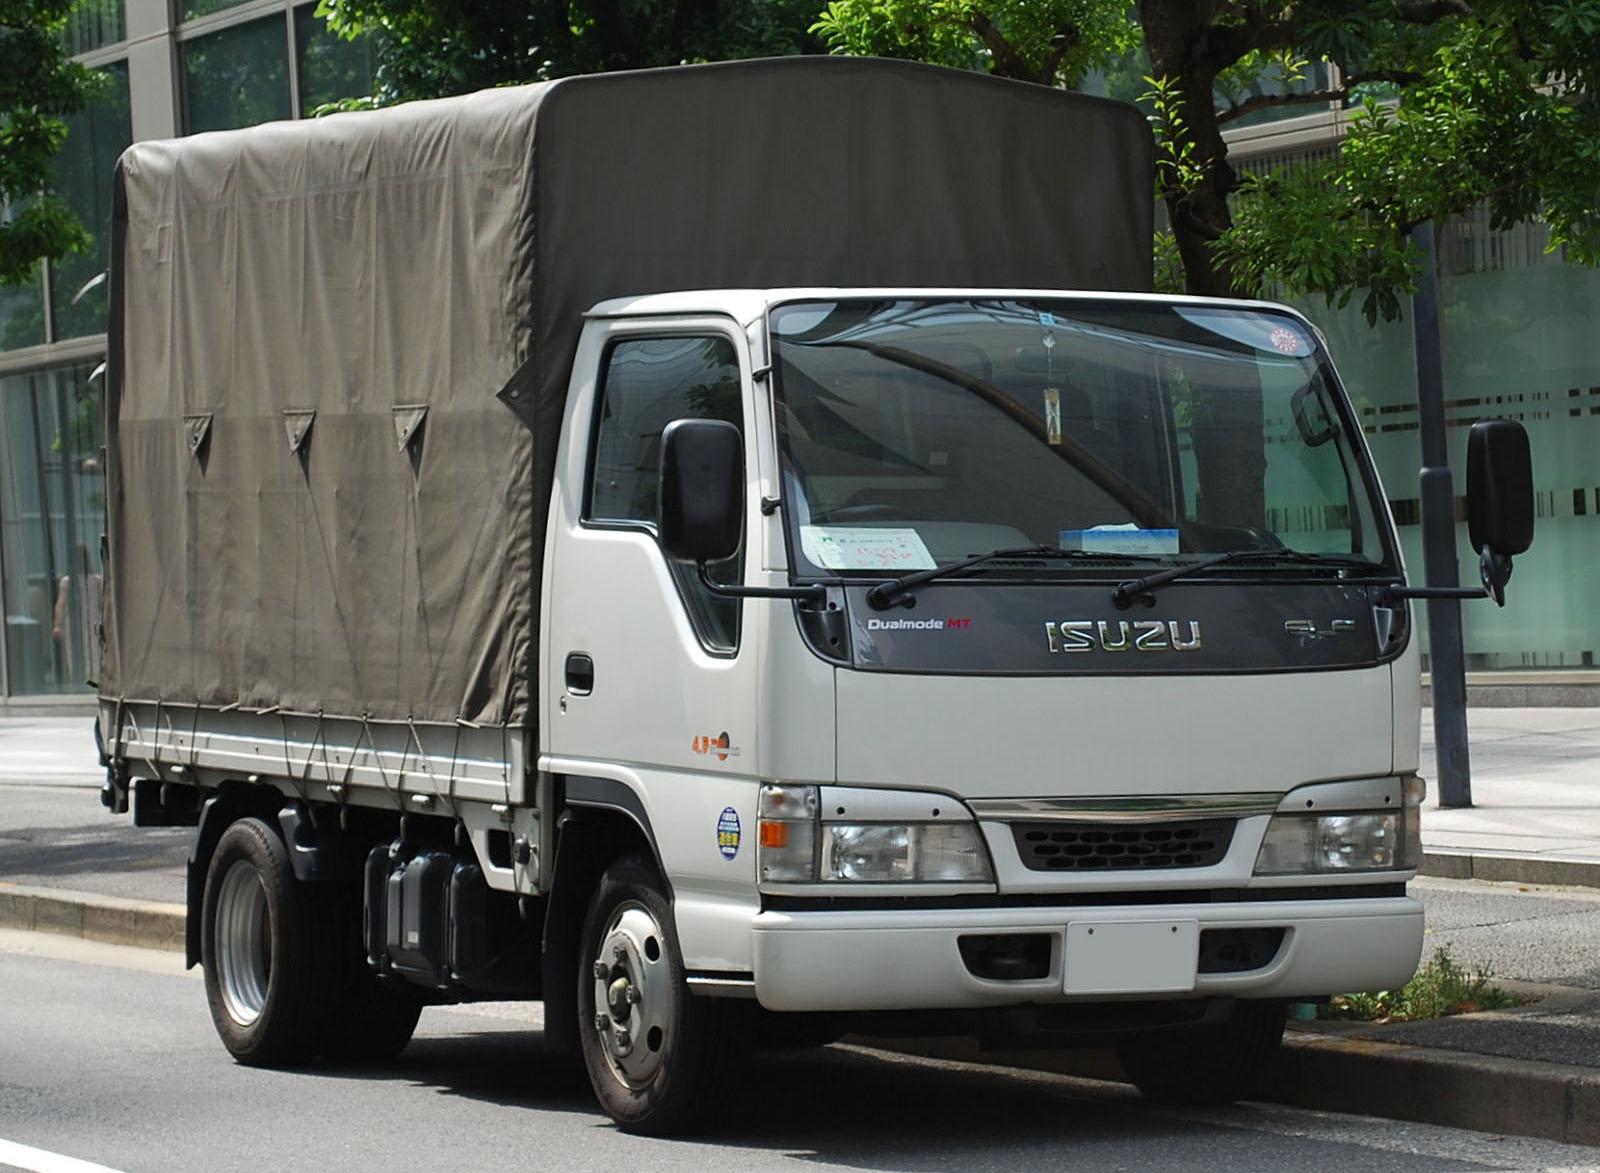 Esta asociación generará vehículos pesados con movilidad alternativa